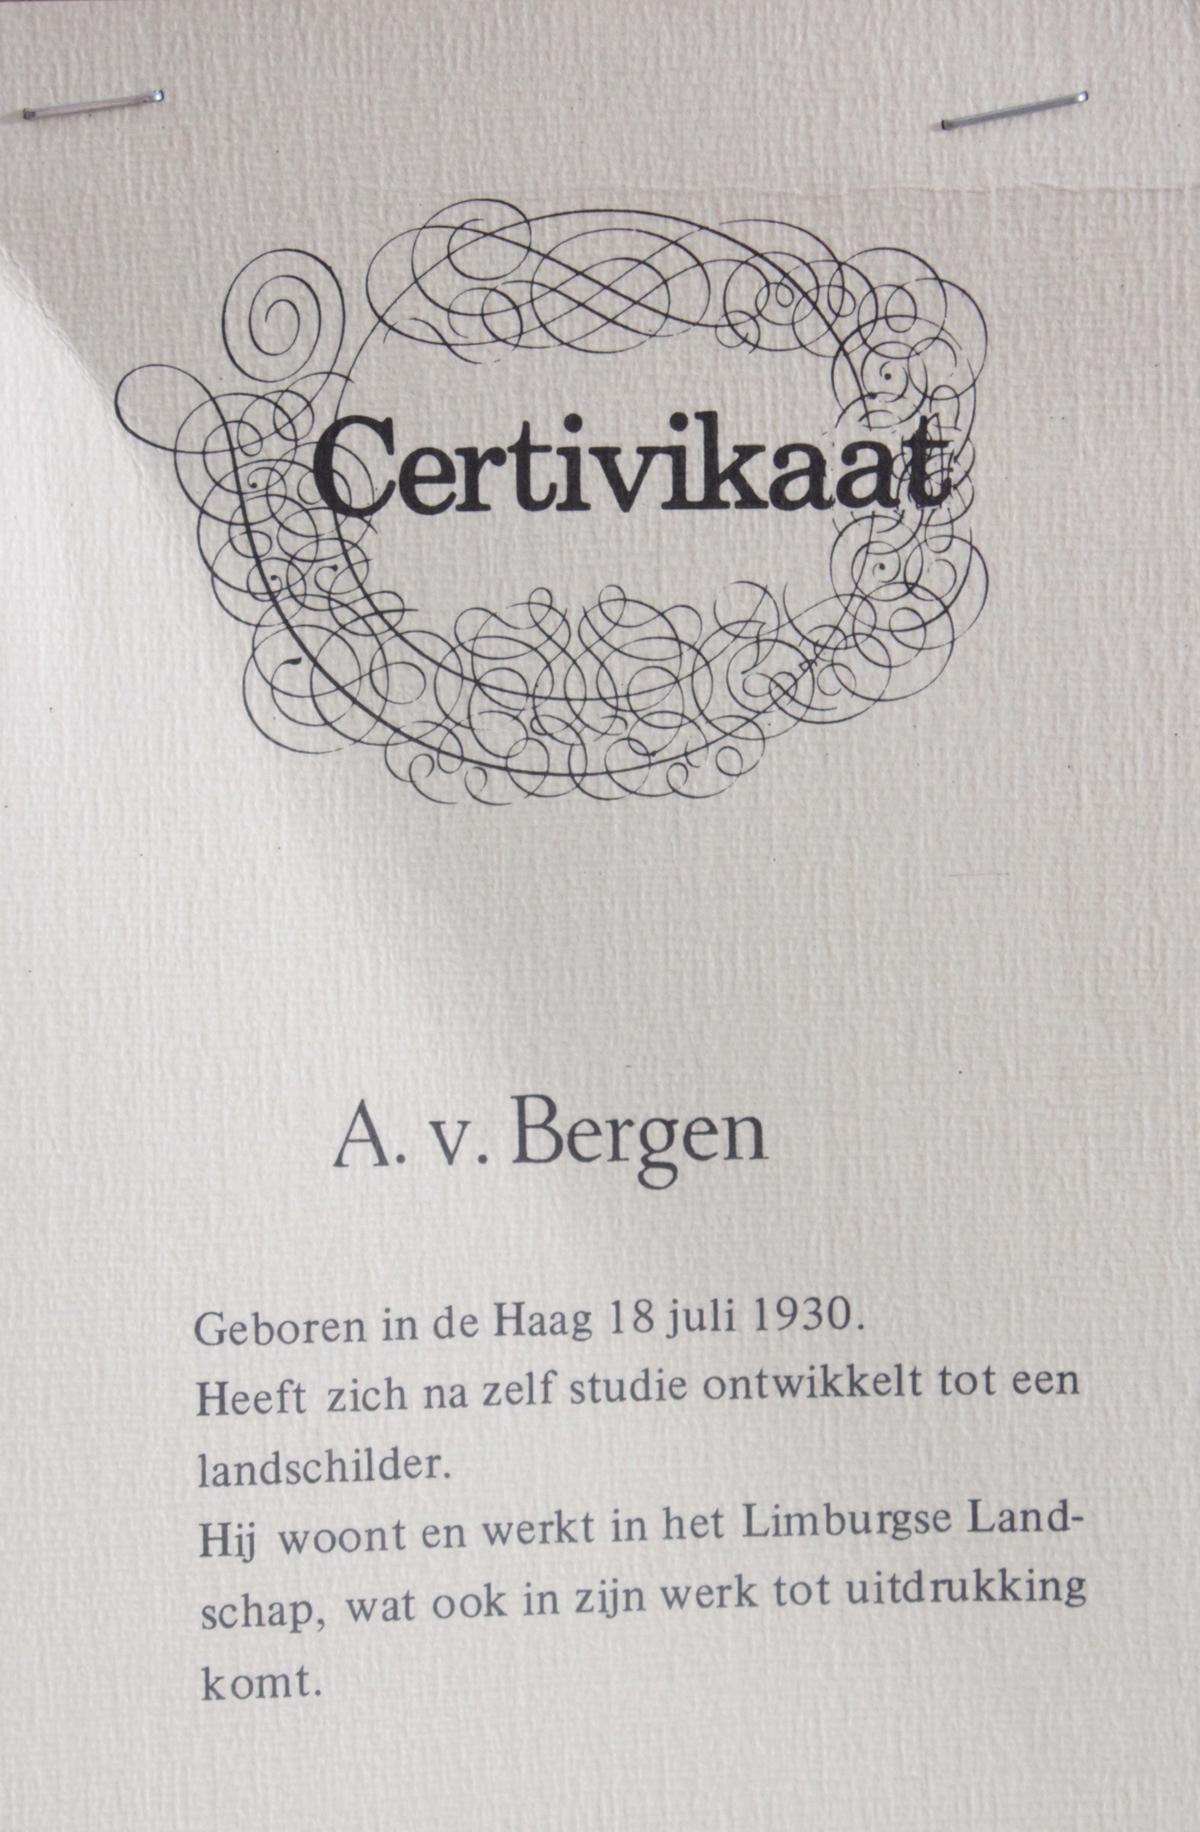 A. v. Bergen (1930 in den Haag)-5